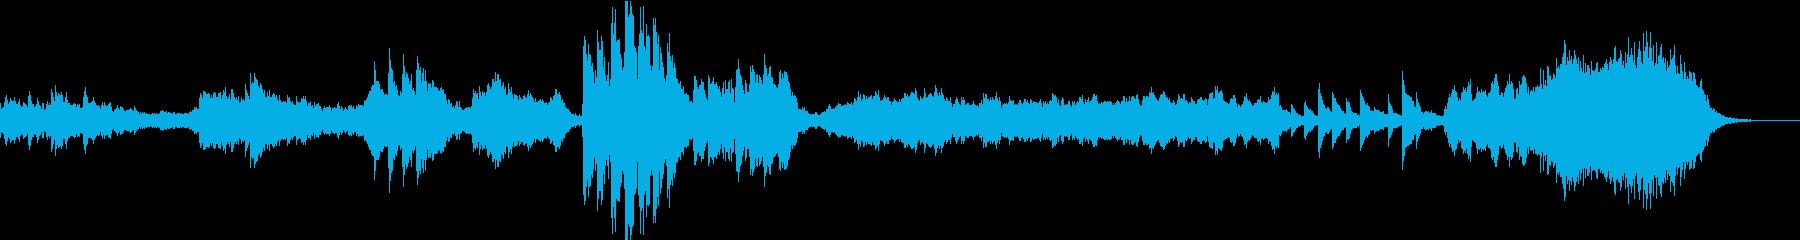 美しく幻想的モンタージュやCM向けBGMの再生済みの波形